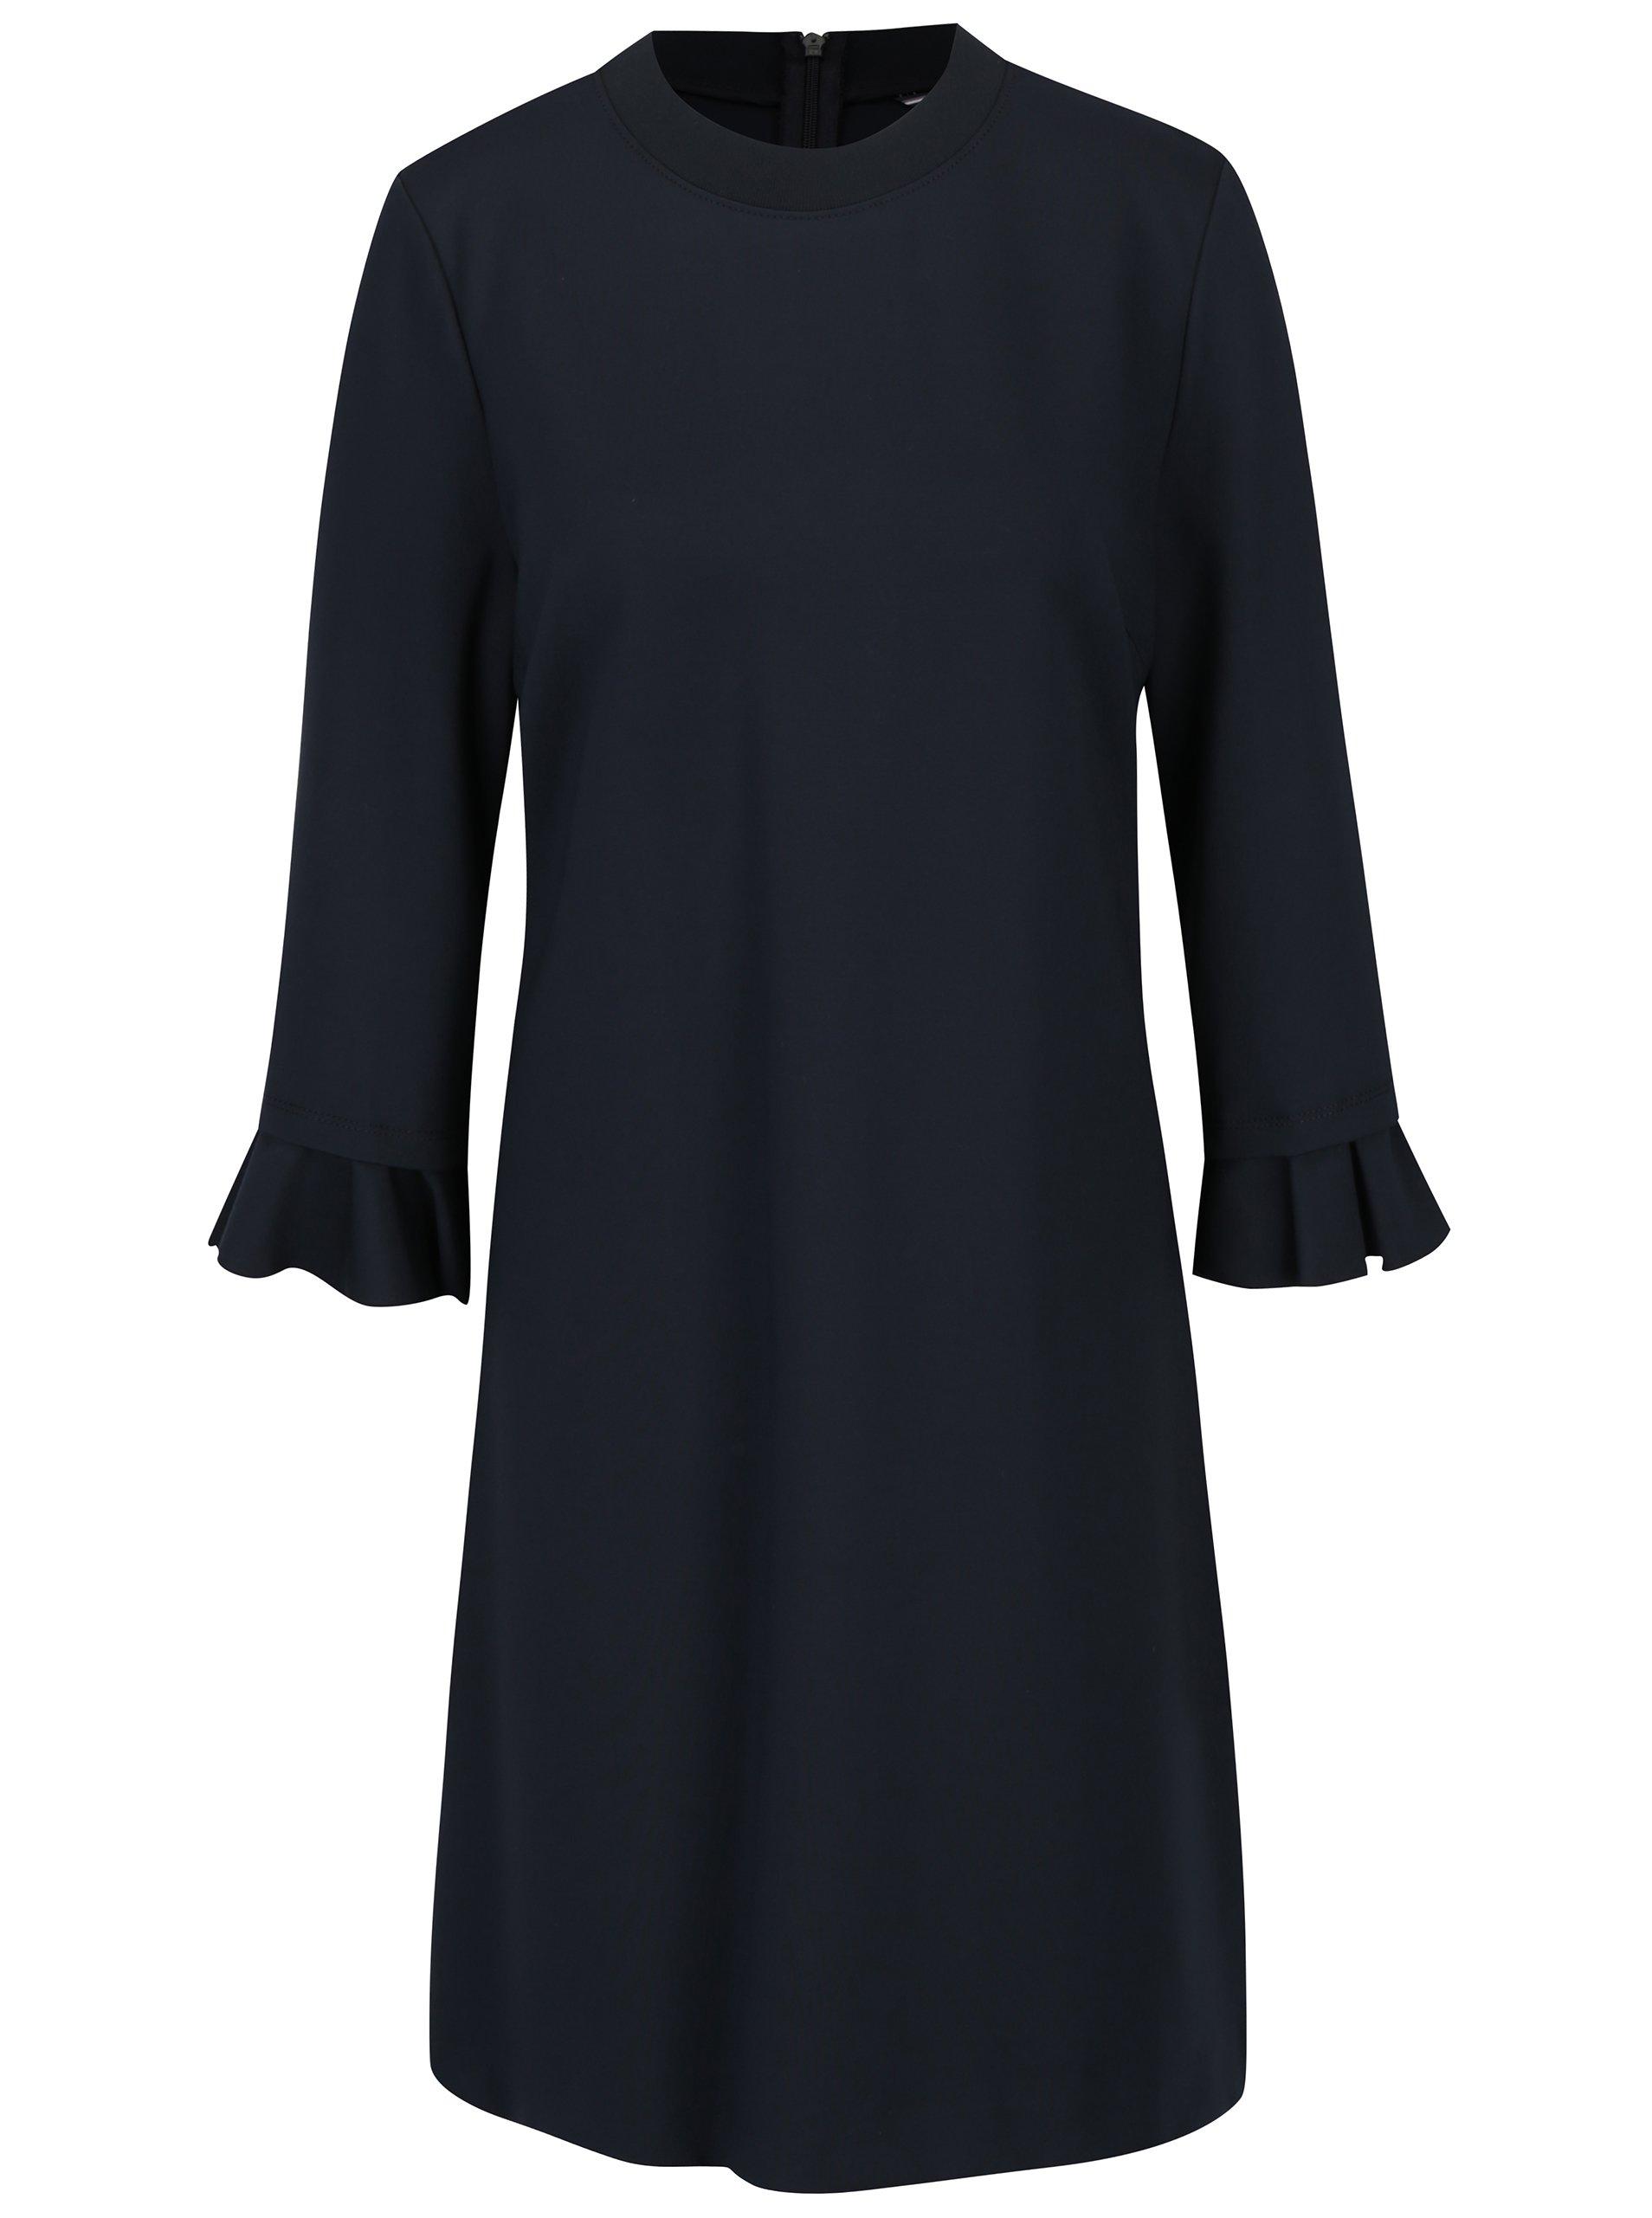 8731eec3ad Tmavě modré šaty s 3 4 rukávem Tommy Hilfiger – Kvalitní oblečení